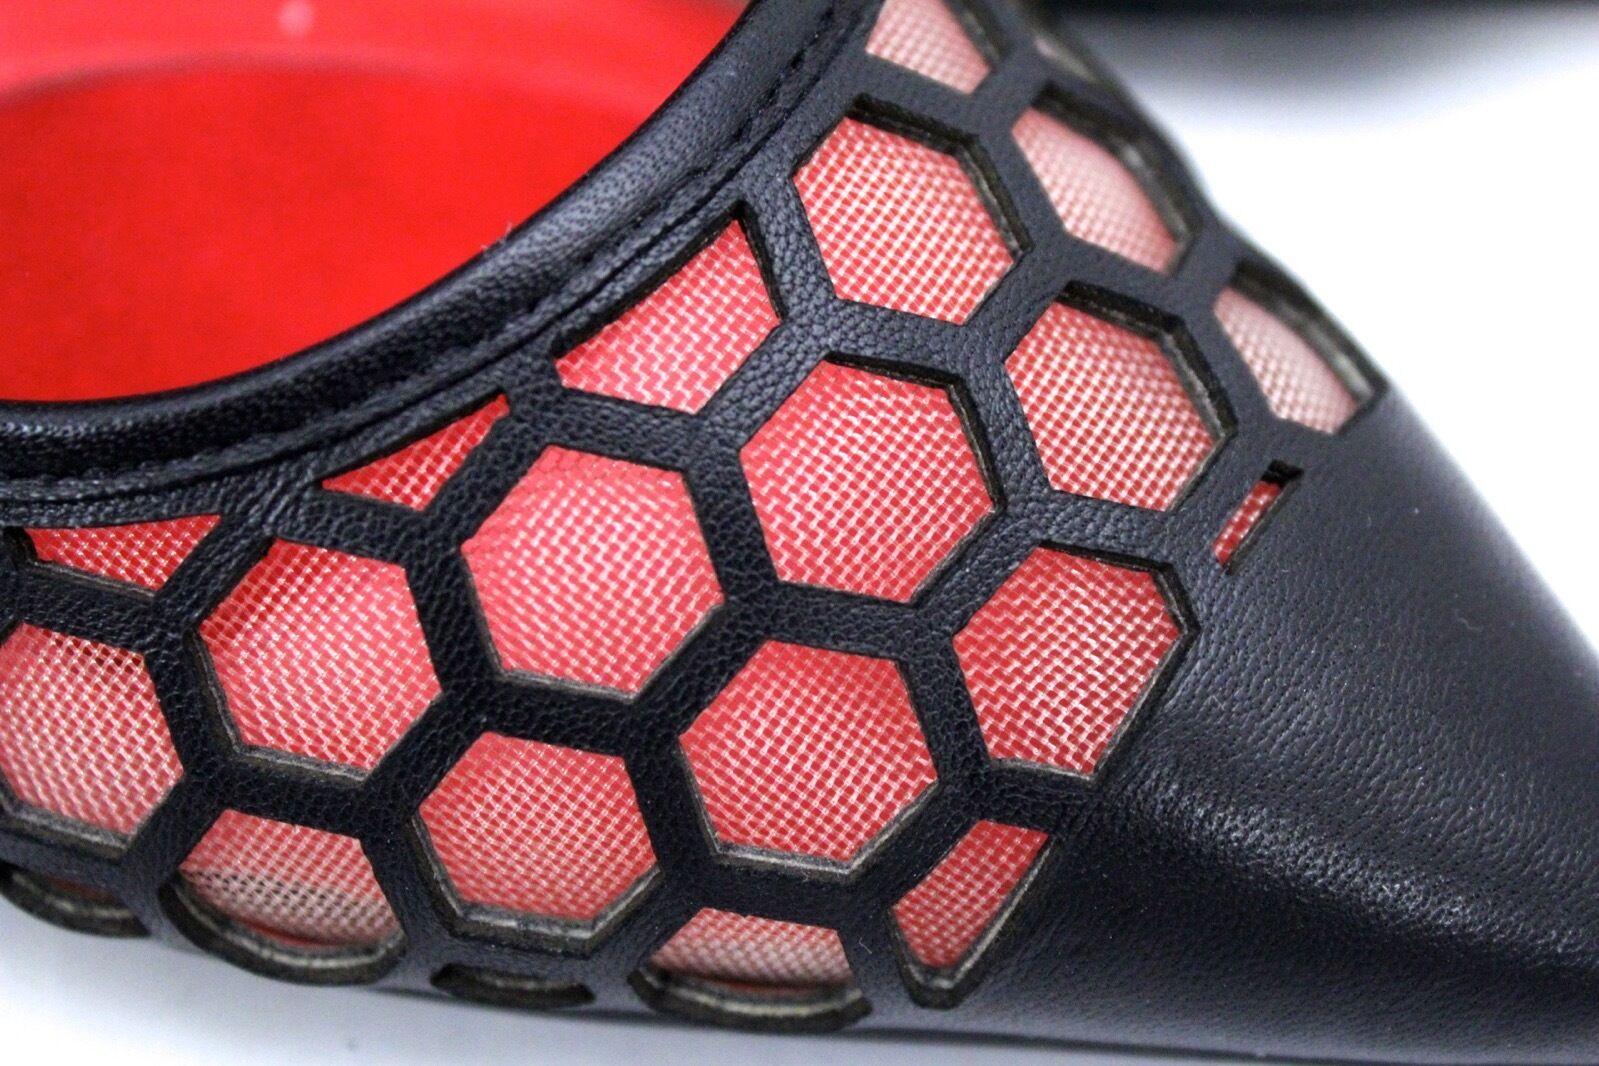 Charles Jourdan Londen Leather Honeycomb Honeycomb Honeycomb Mesh Kitten Heel Pumps 8.5 Black C1670 95c721